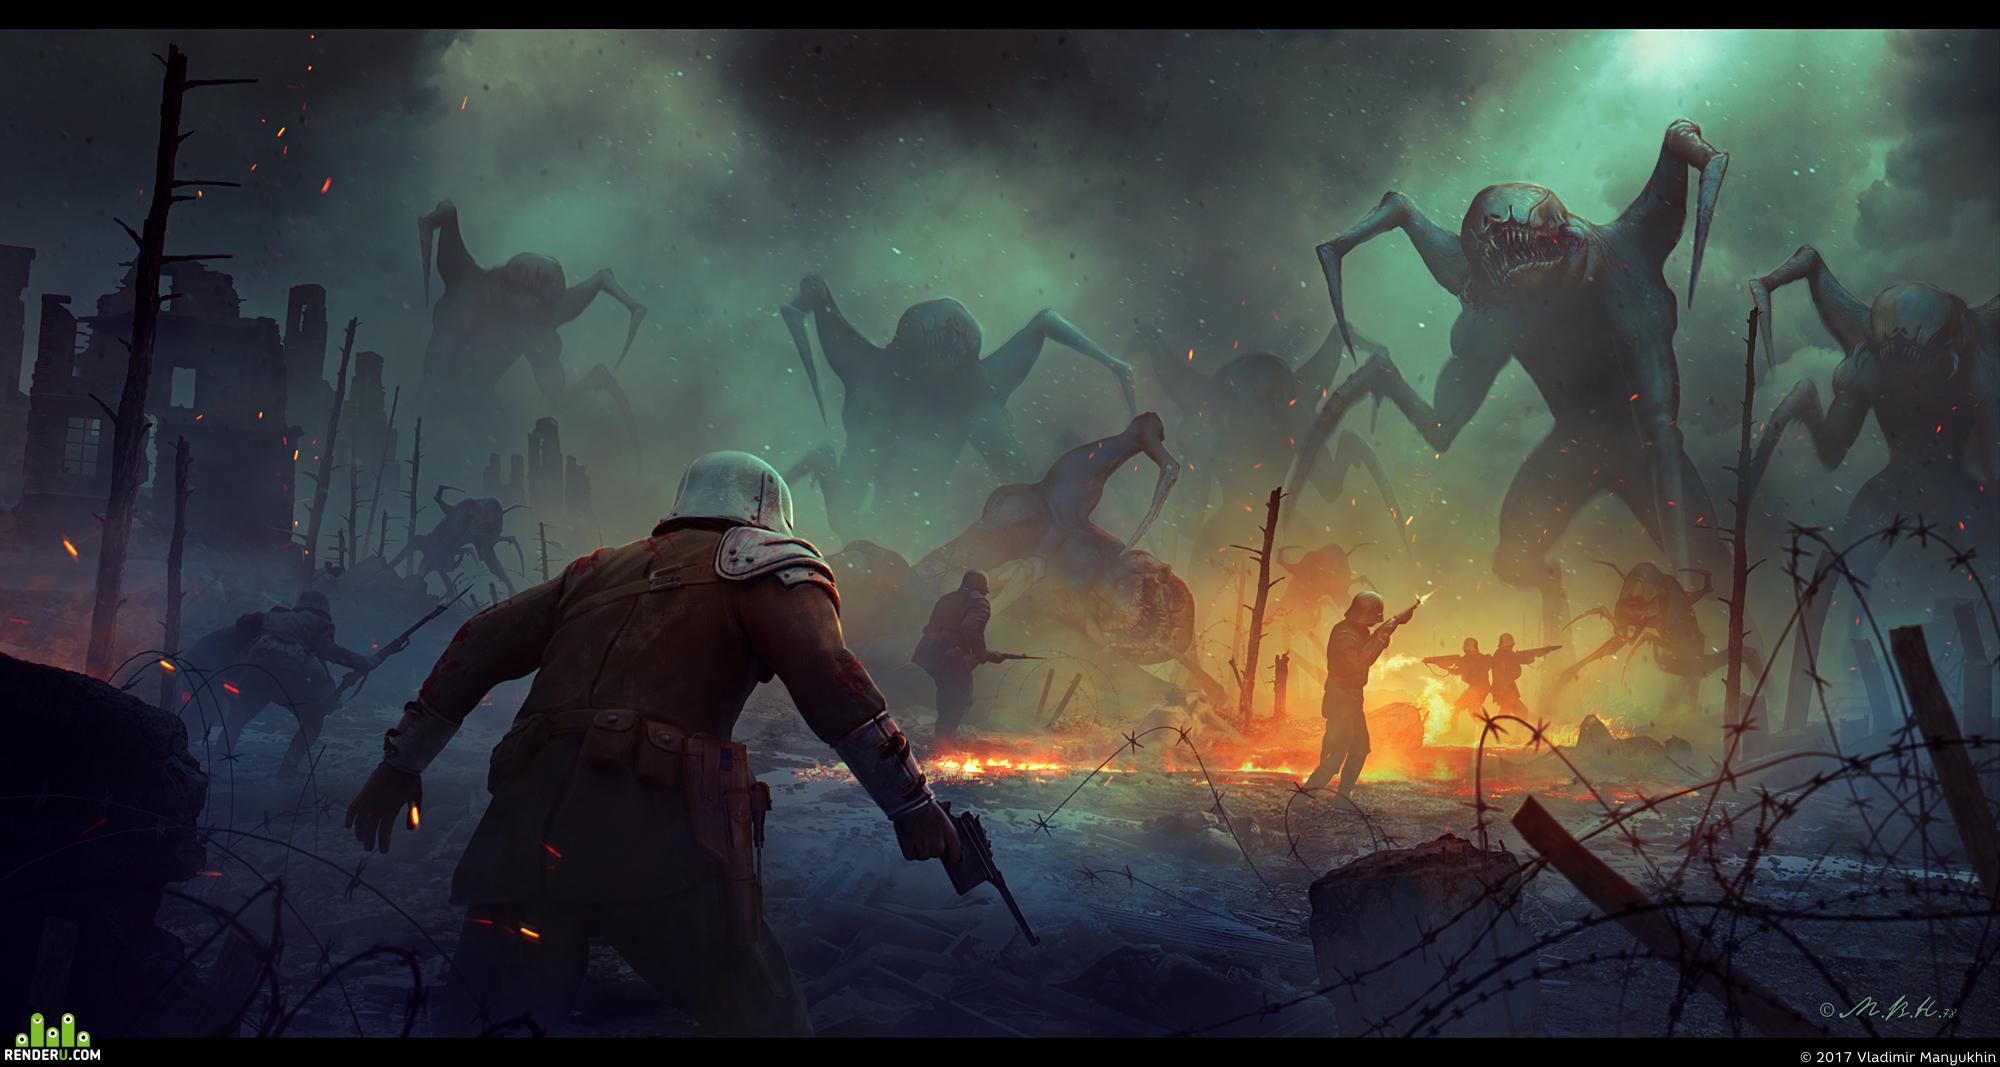 Иллюстрации Владимира Манюхина (продолжение)